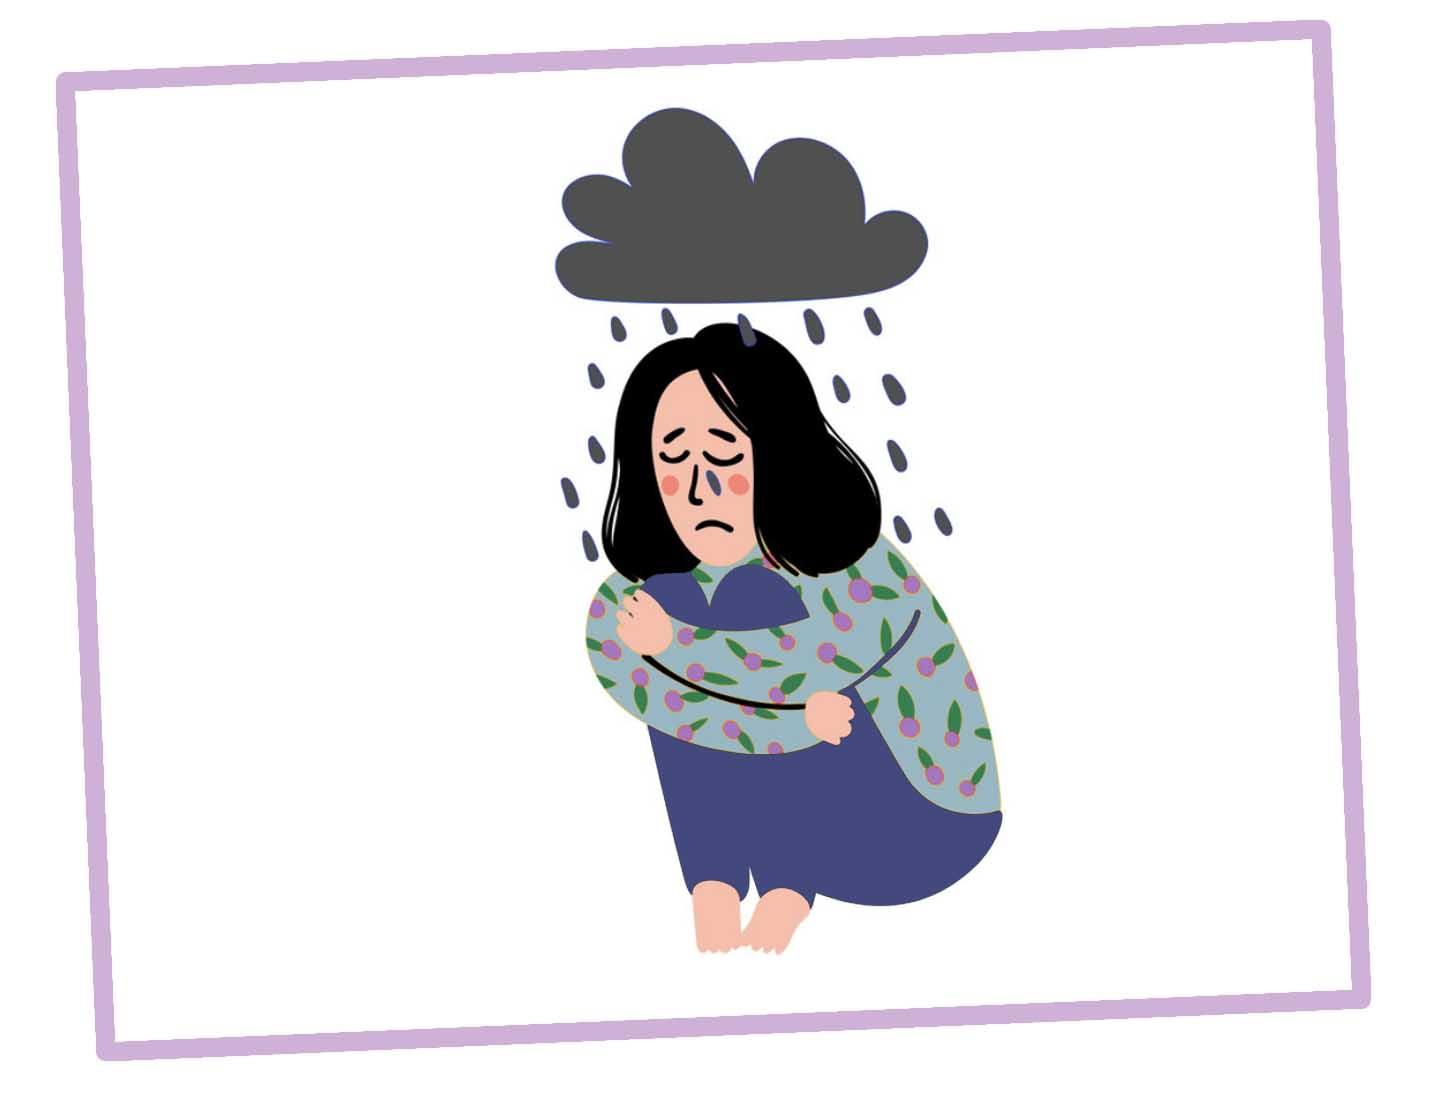 как избавиться от депрессии и апатии самостоятельно